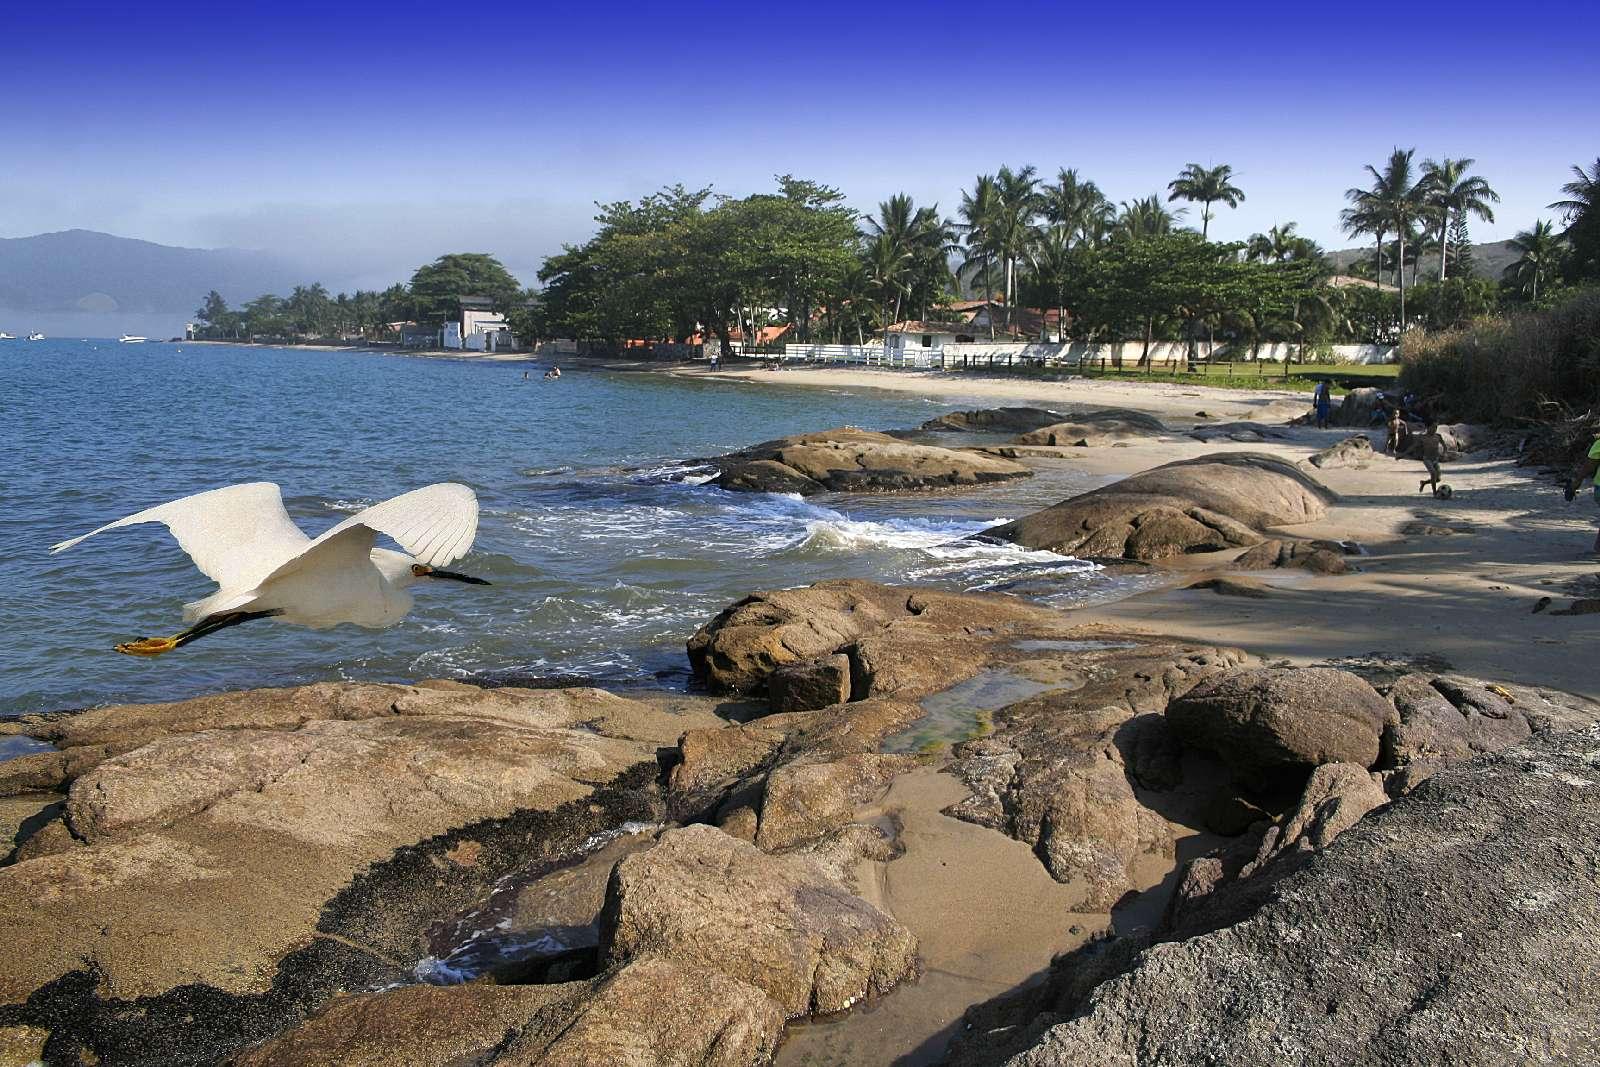 Ilha do Maracujá